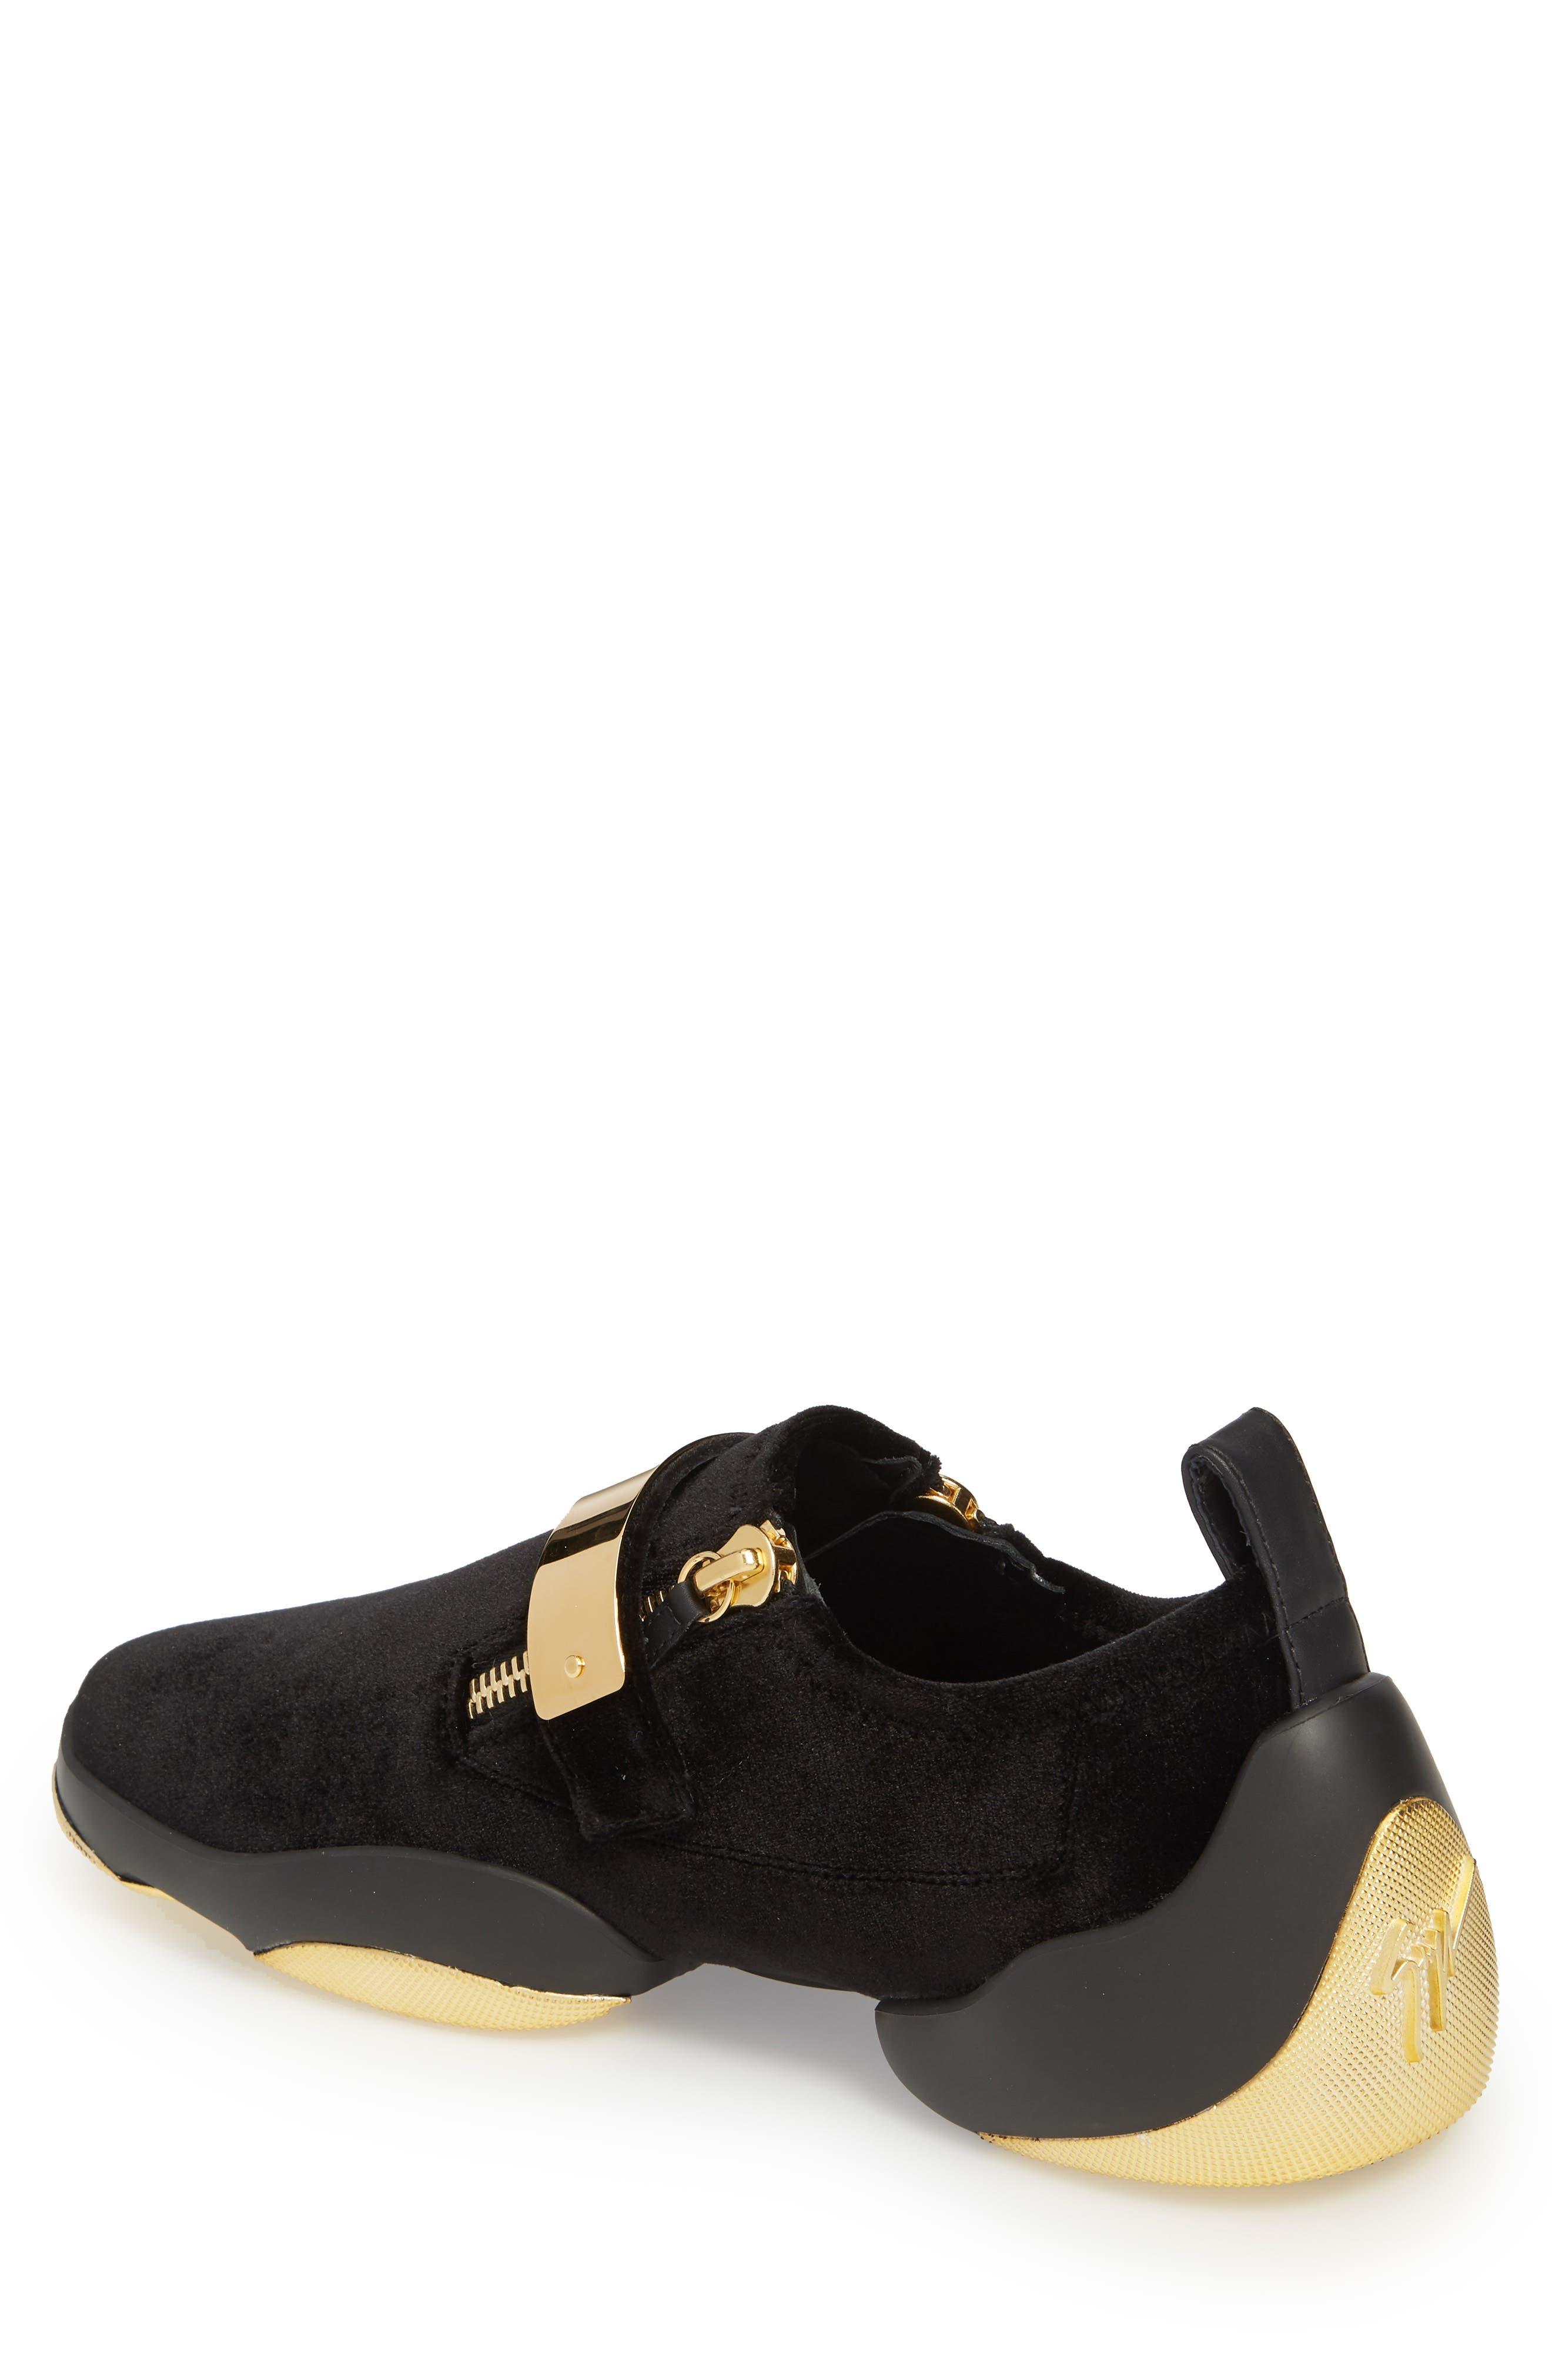 Gold Bar Sneaker,                             Alternate thumbnail 2, color,                             003